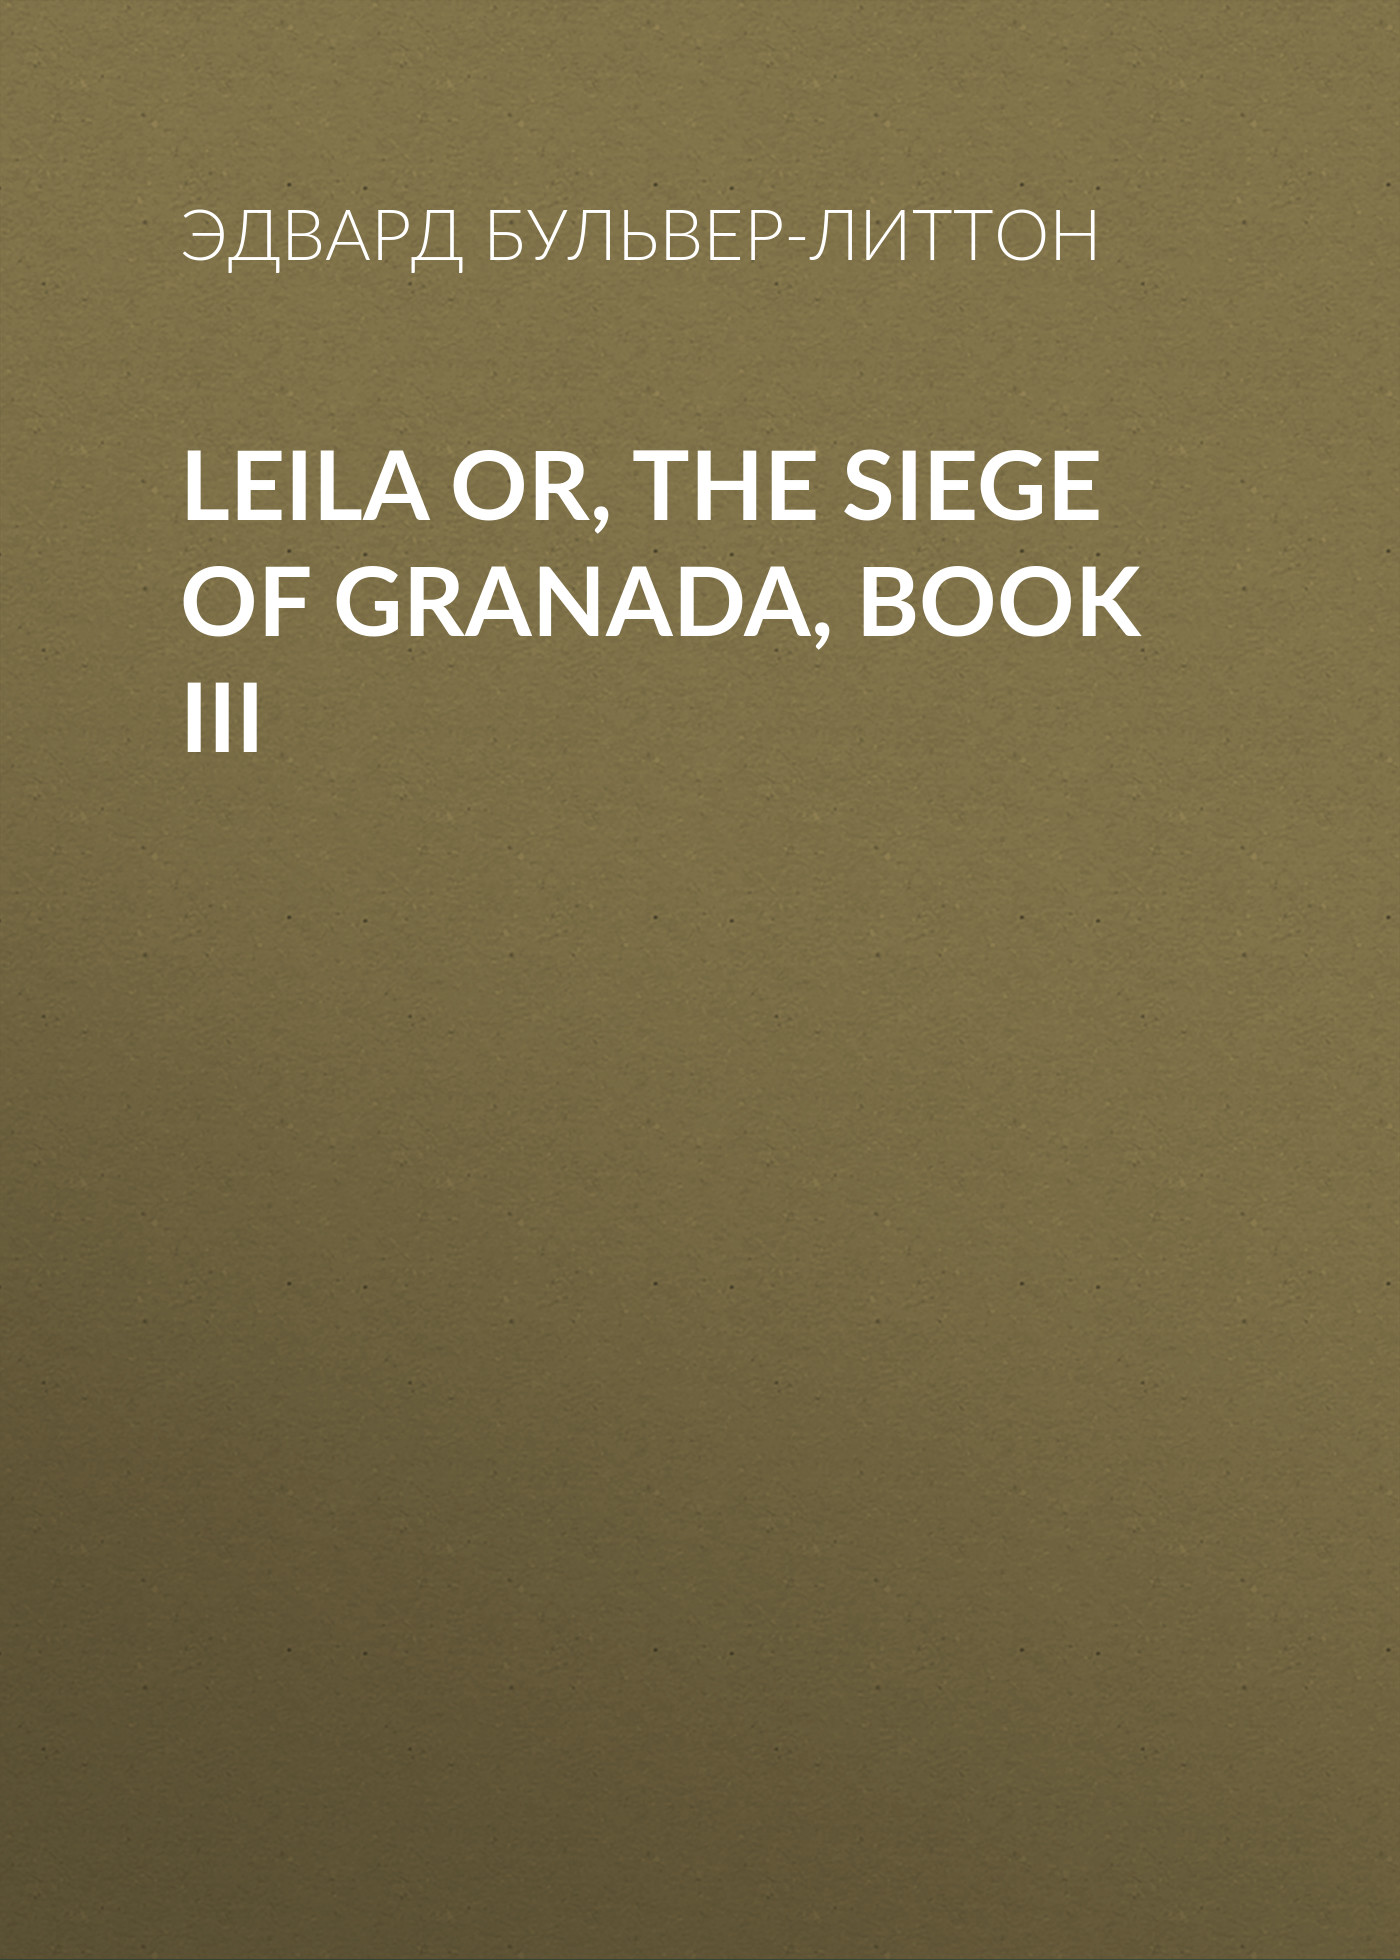 Эдвард Бульвер-Литтон Leila or, the Siege of Granada, Book III эдвард бульвер литтон leila or the siege of granada book iv